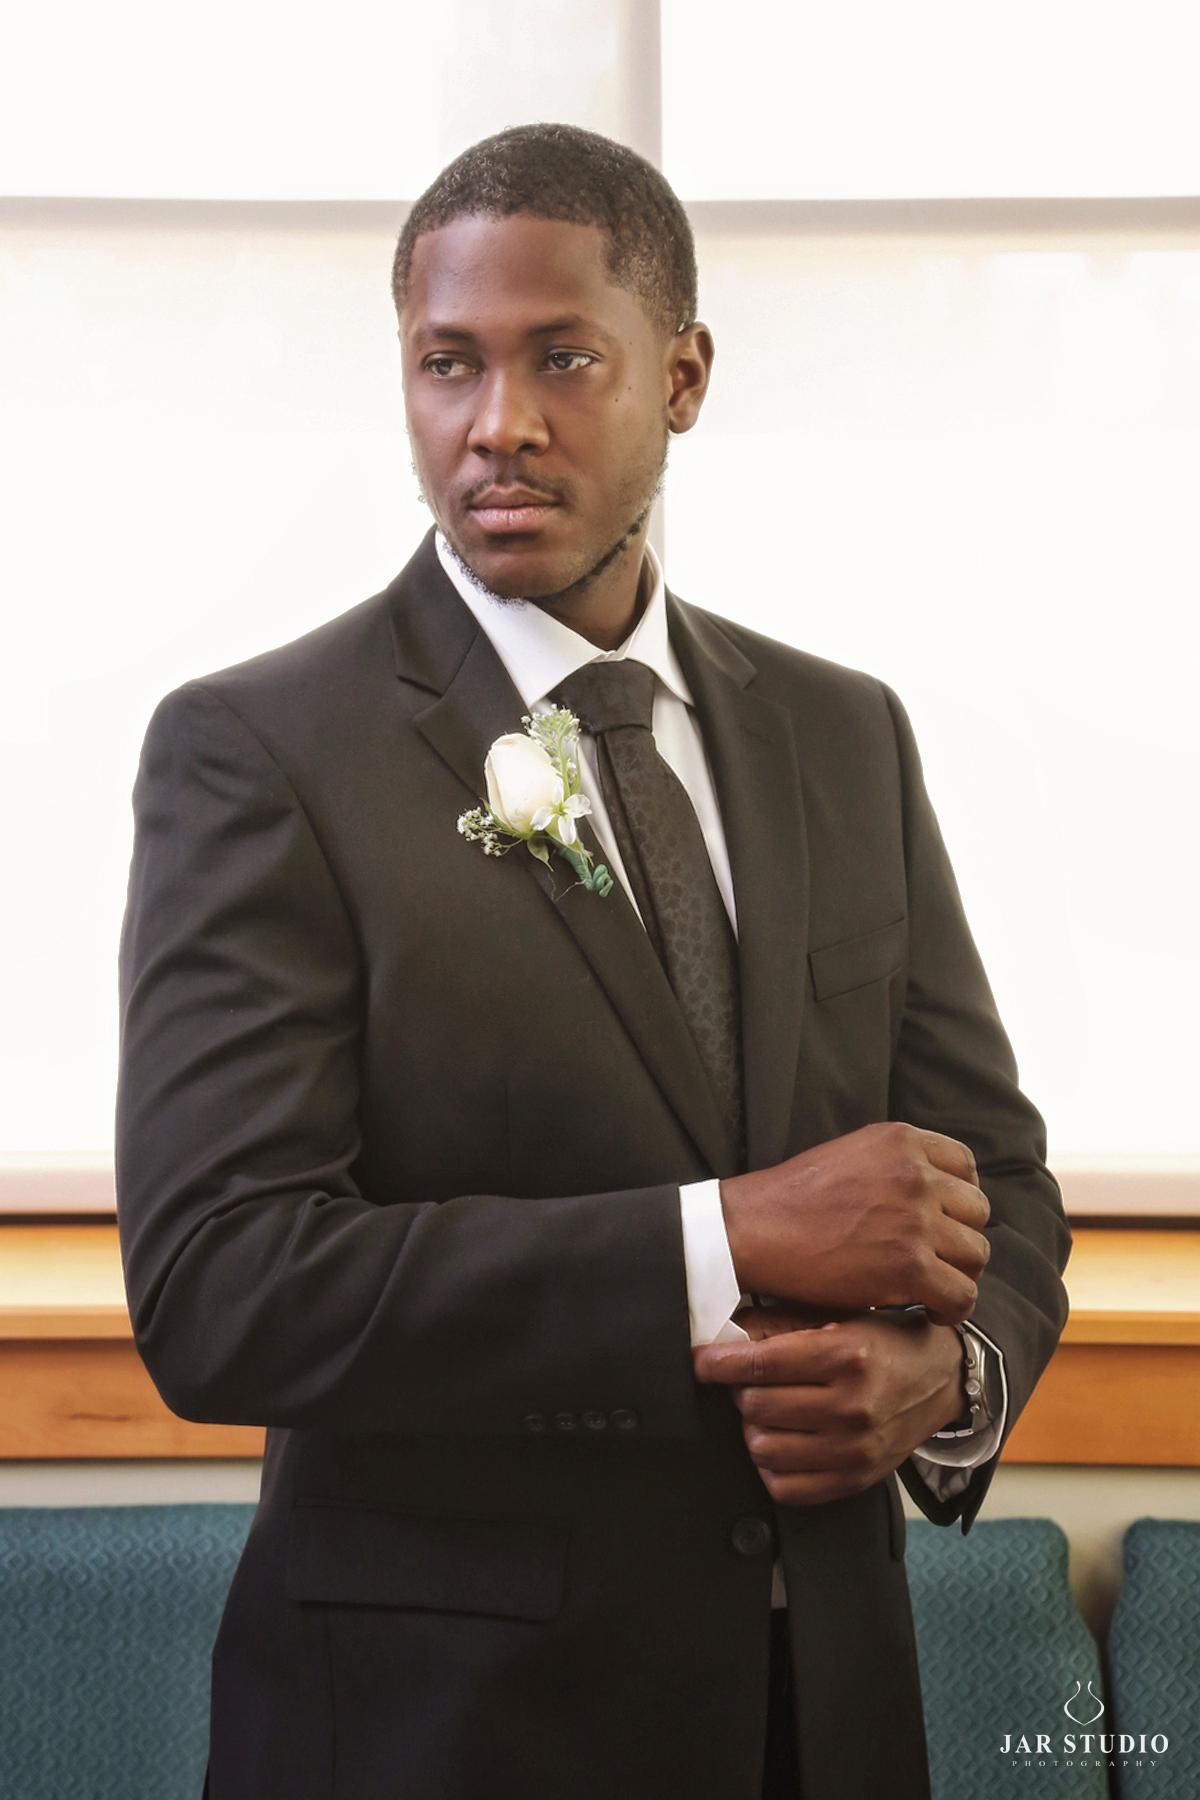 05-elegant-black-tie-groom-jarstudio.jpg